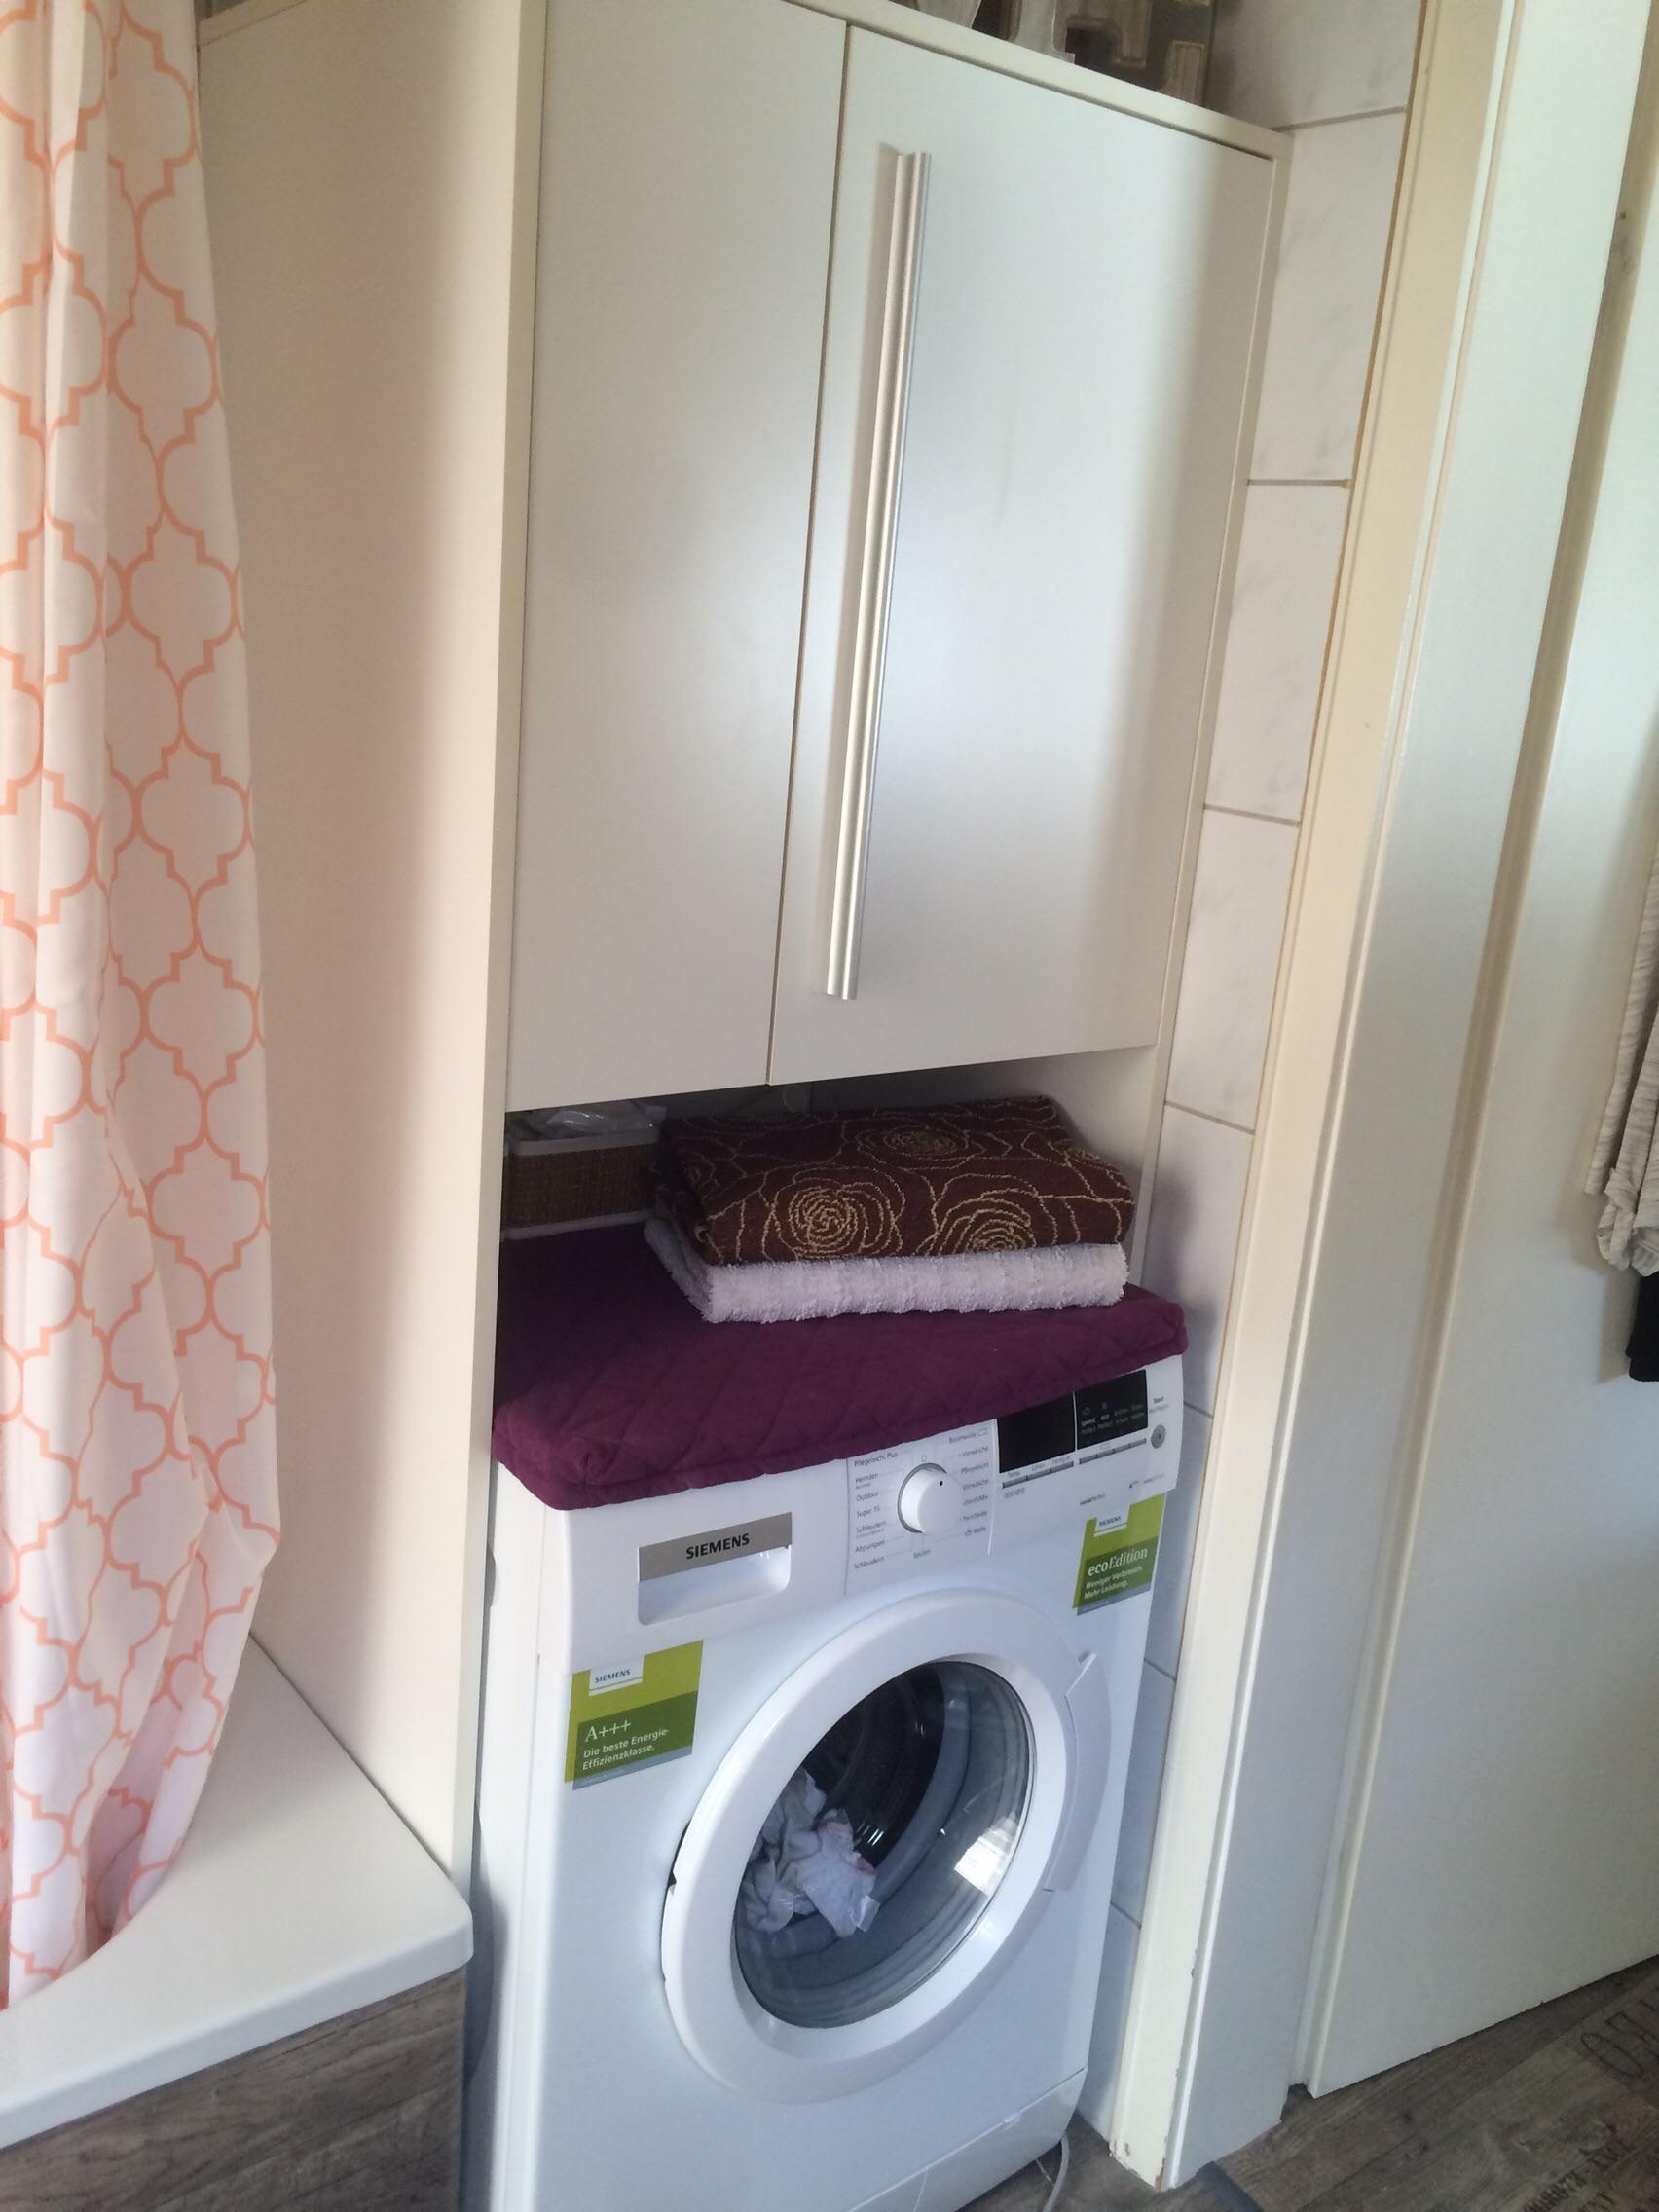 Waschmaschinenschrank Derby : Gebraucht waschmaschinenschrank tchibo in rauenberg um